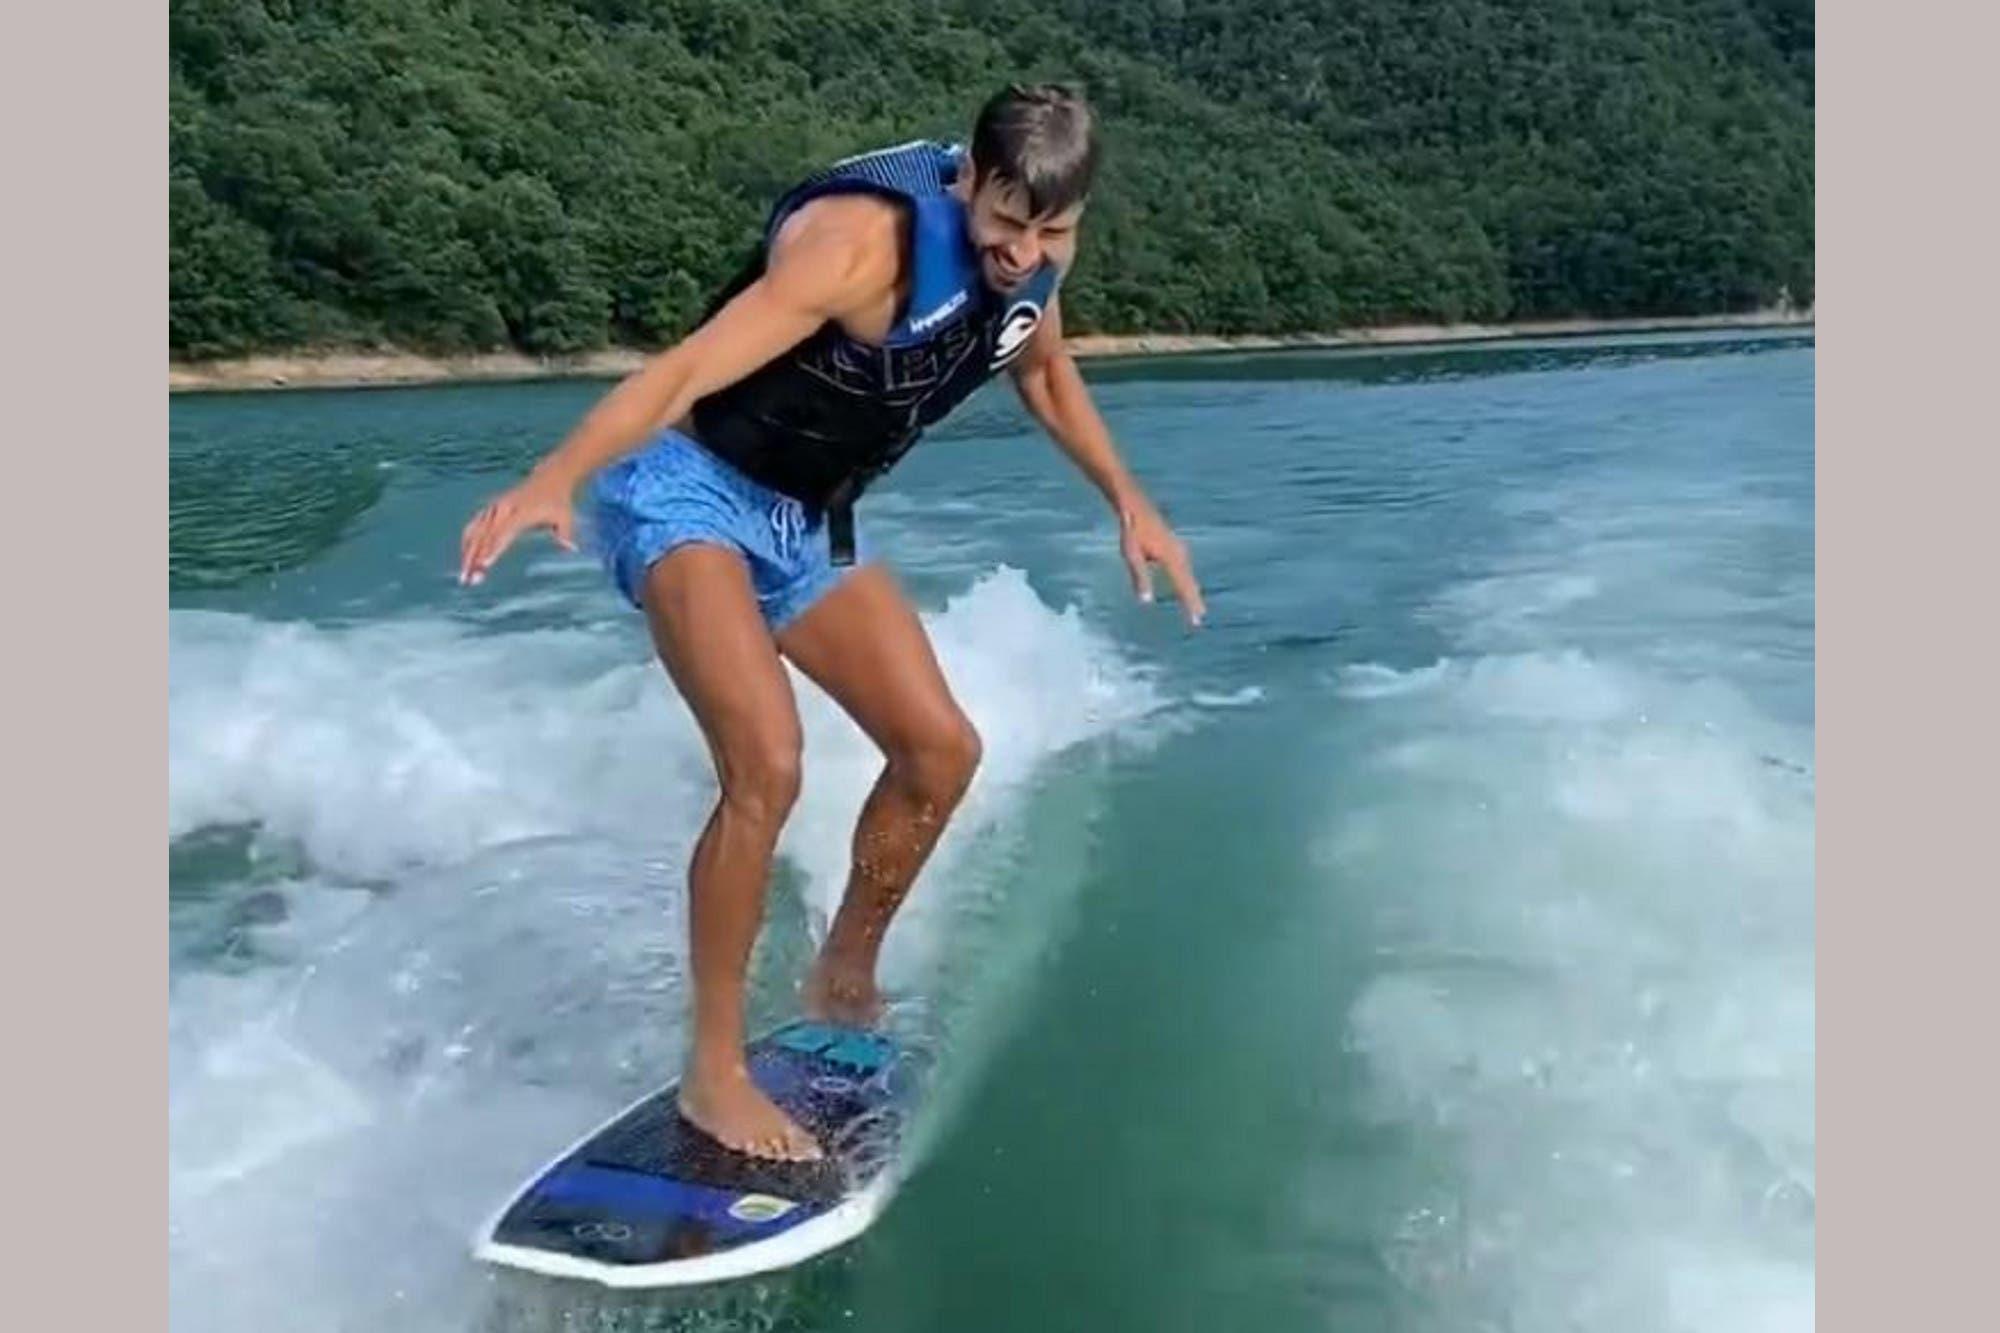 Futbolista, ciclista y surfer: Gerard Piqué sorprende con sus habilidades en el wakesurfing